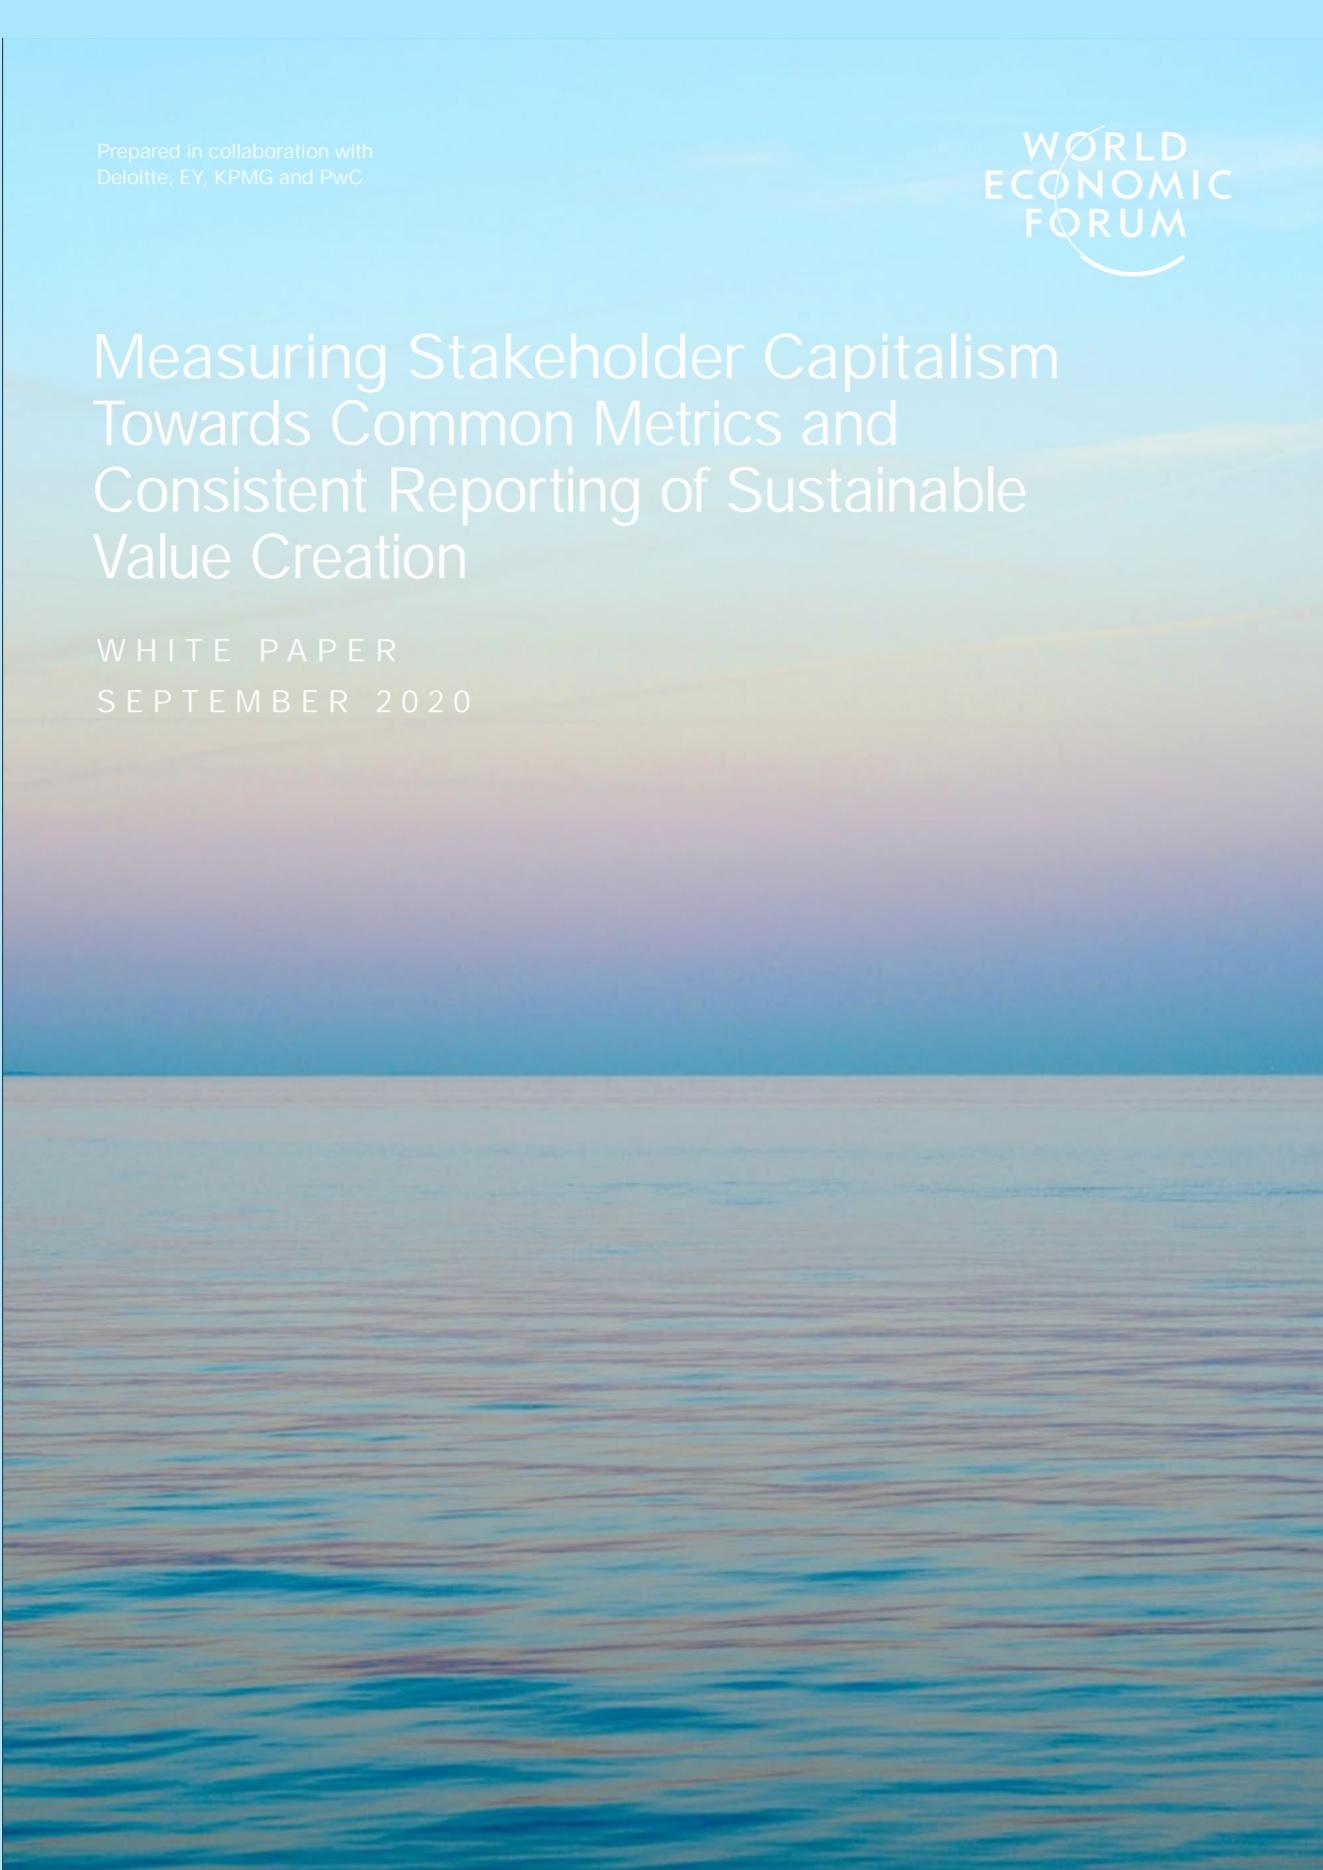 Отчет об измерении капитализма заинтересованных сторон